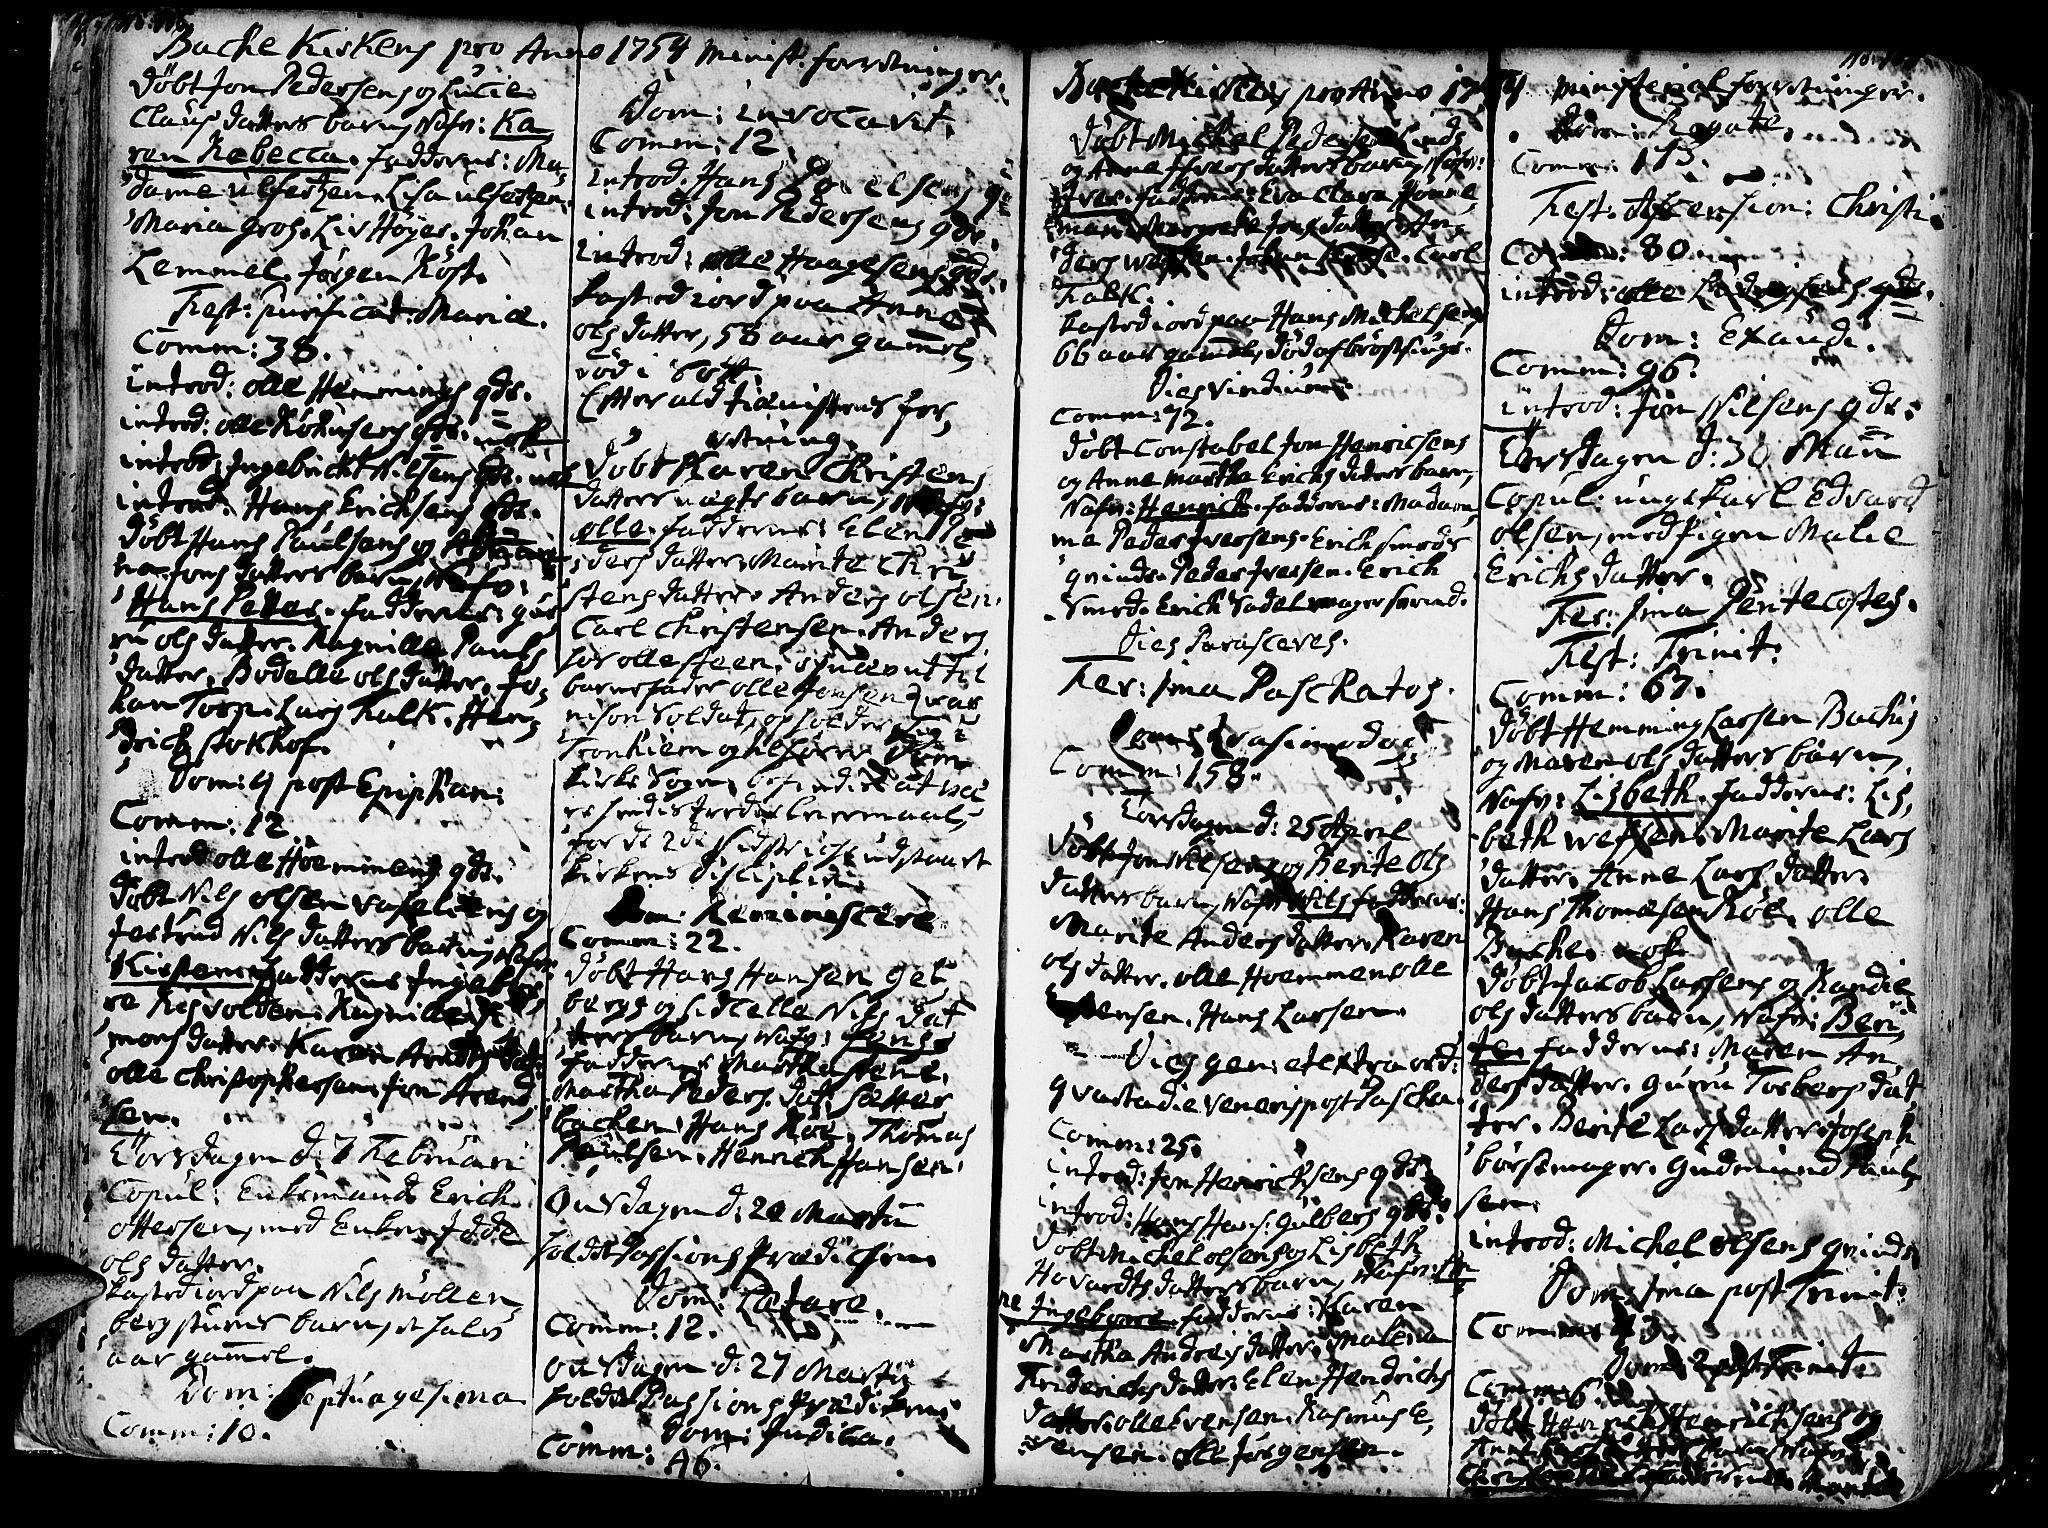 SAT, Ministerialprotokoller, klokkerbøker og fødselsregistre - Sør-Trøndelag, 606/L0276: Ministerialbok nr. 606A01 /2, 1727-1779, s. 106-107